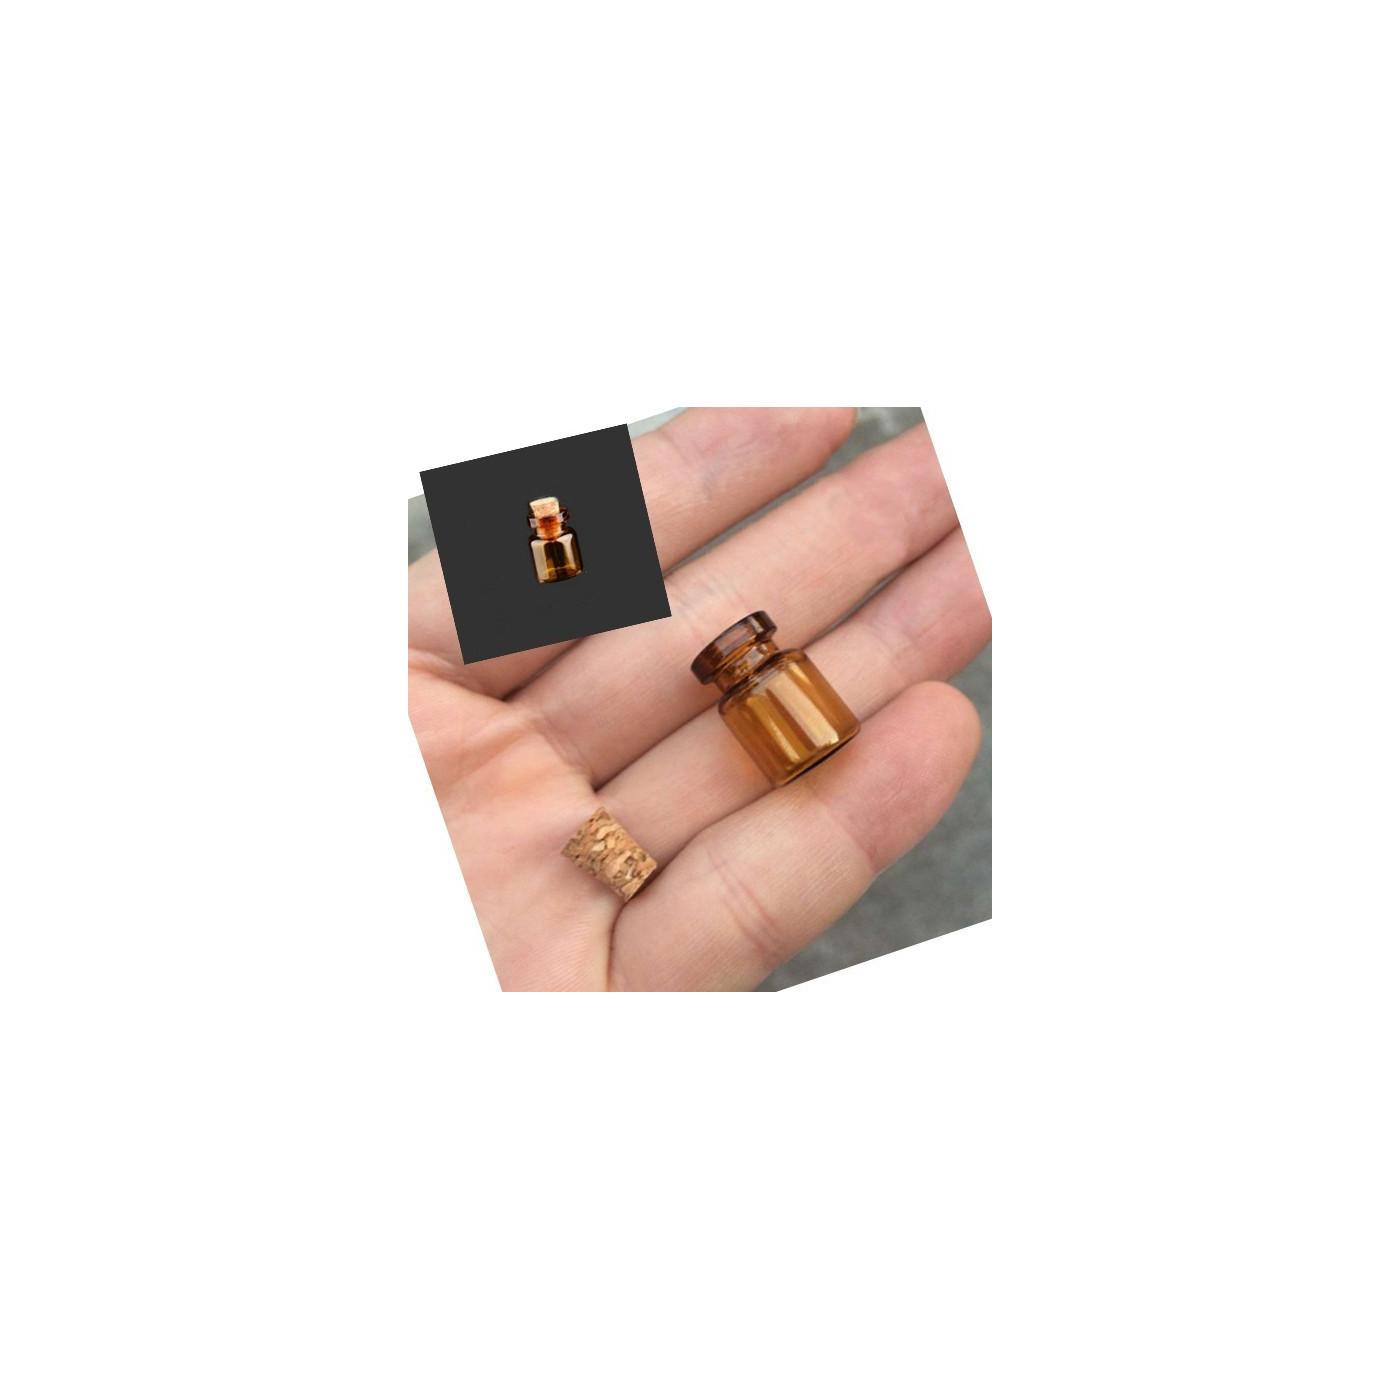 Set mini botellas de vidrio, 13x18x6 mm (50 piezas)  - 1